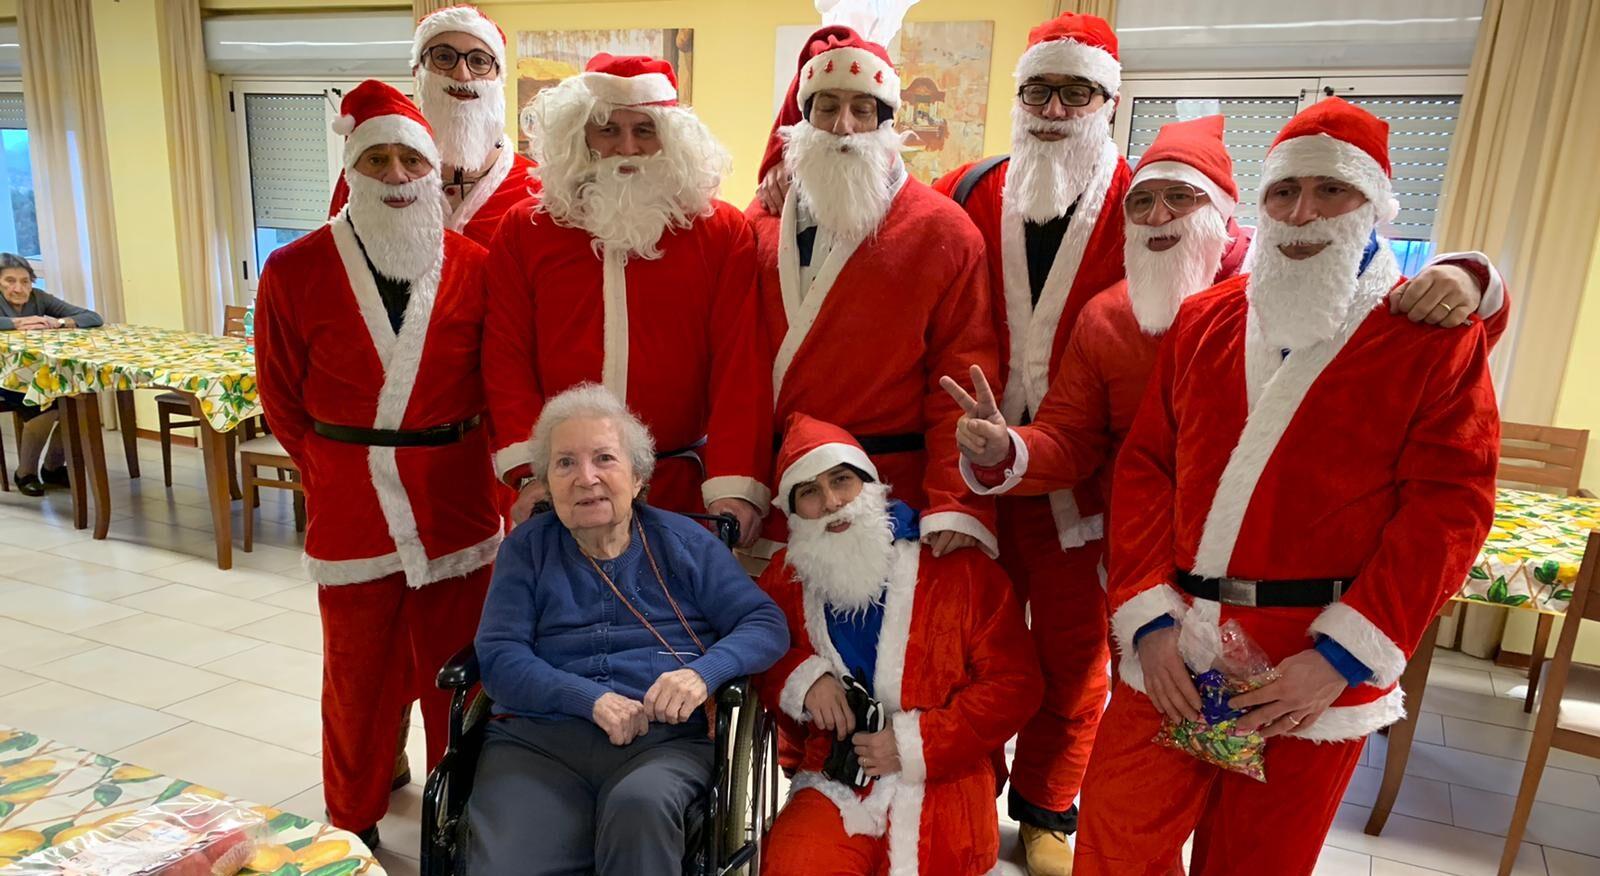 Babbo Natale in festa tra anziani e bambini